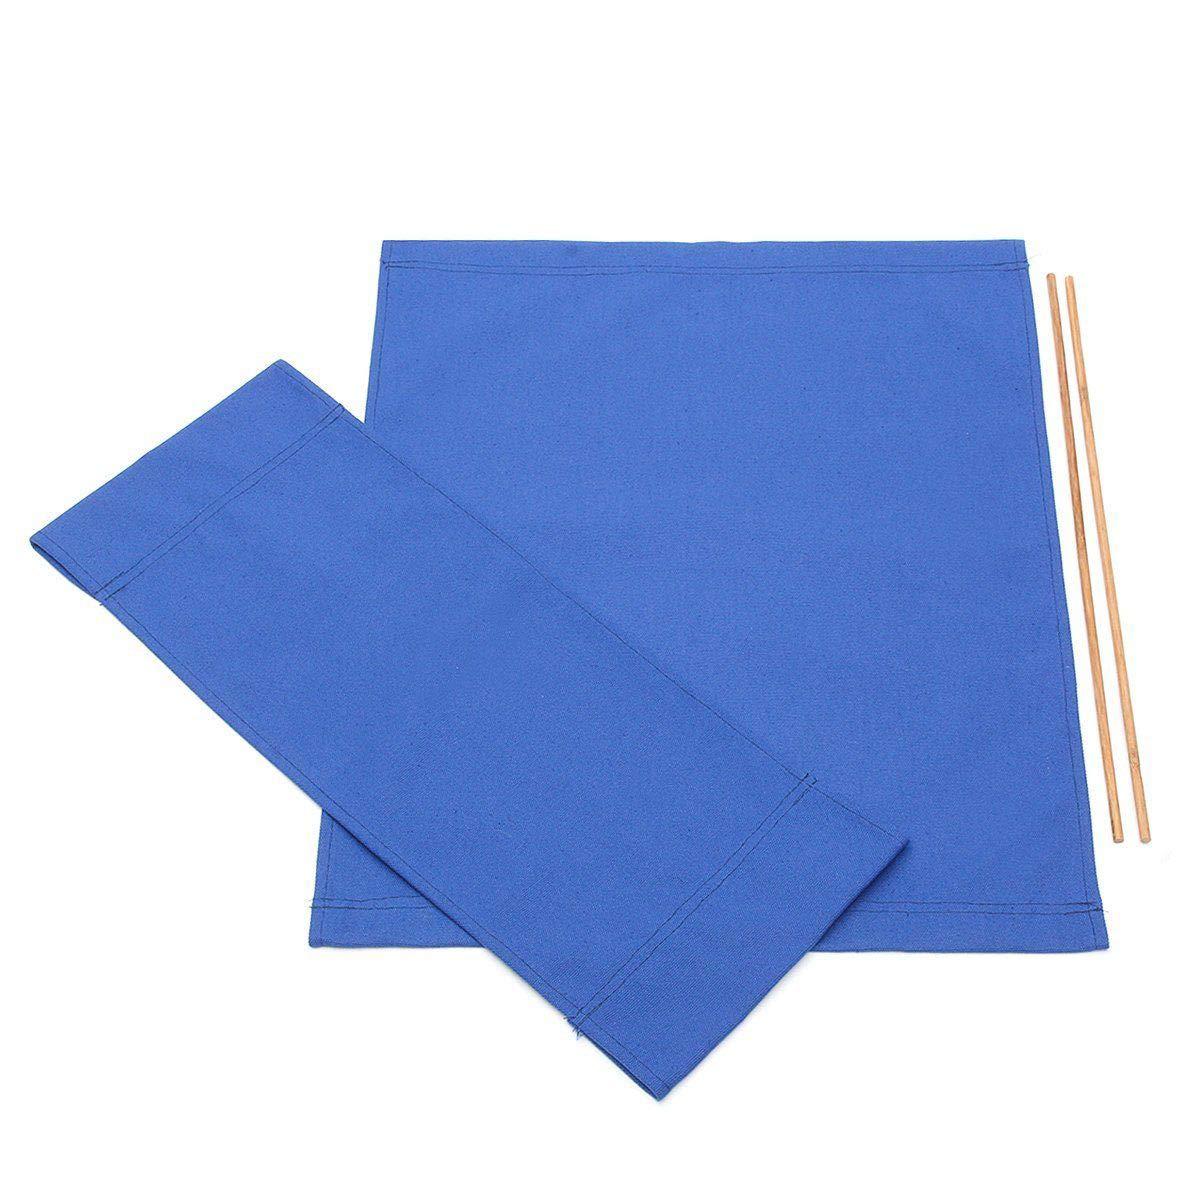 OurLeeme 21 * 11' 21 * 17' Sedie durevoli telo di sostituzione delle coperture di sede panno sedia Protector Blu